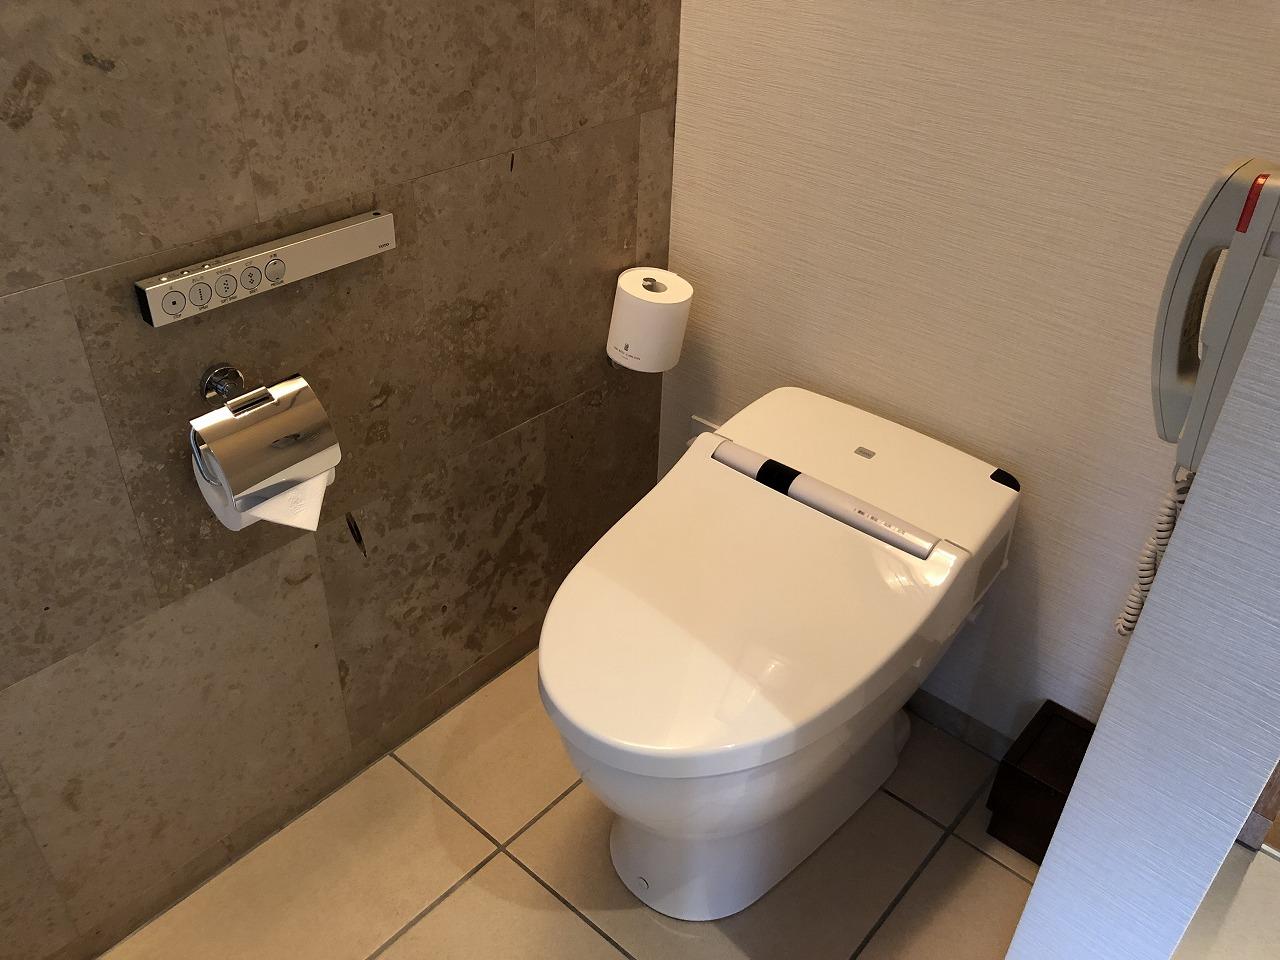 リッツカールトン沖縄のデラックスルームのトイレ